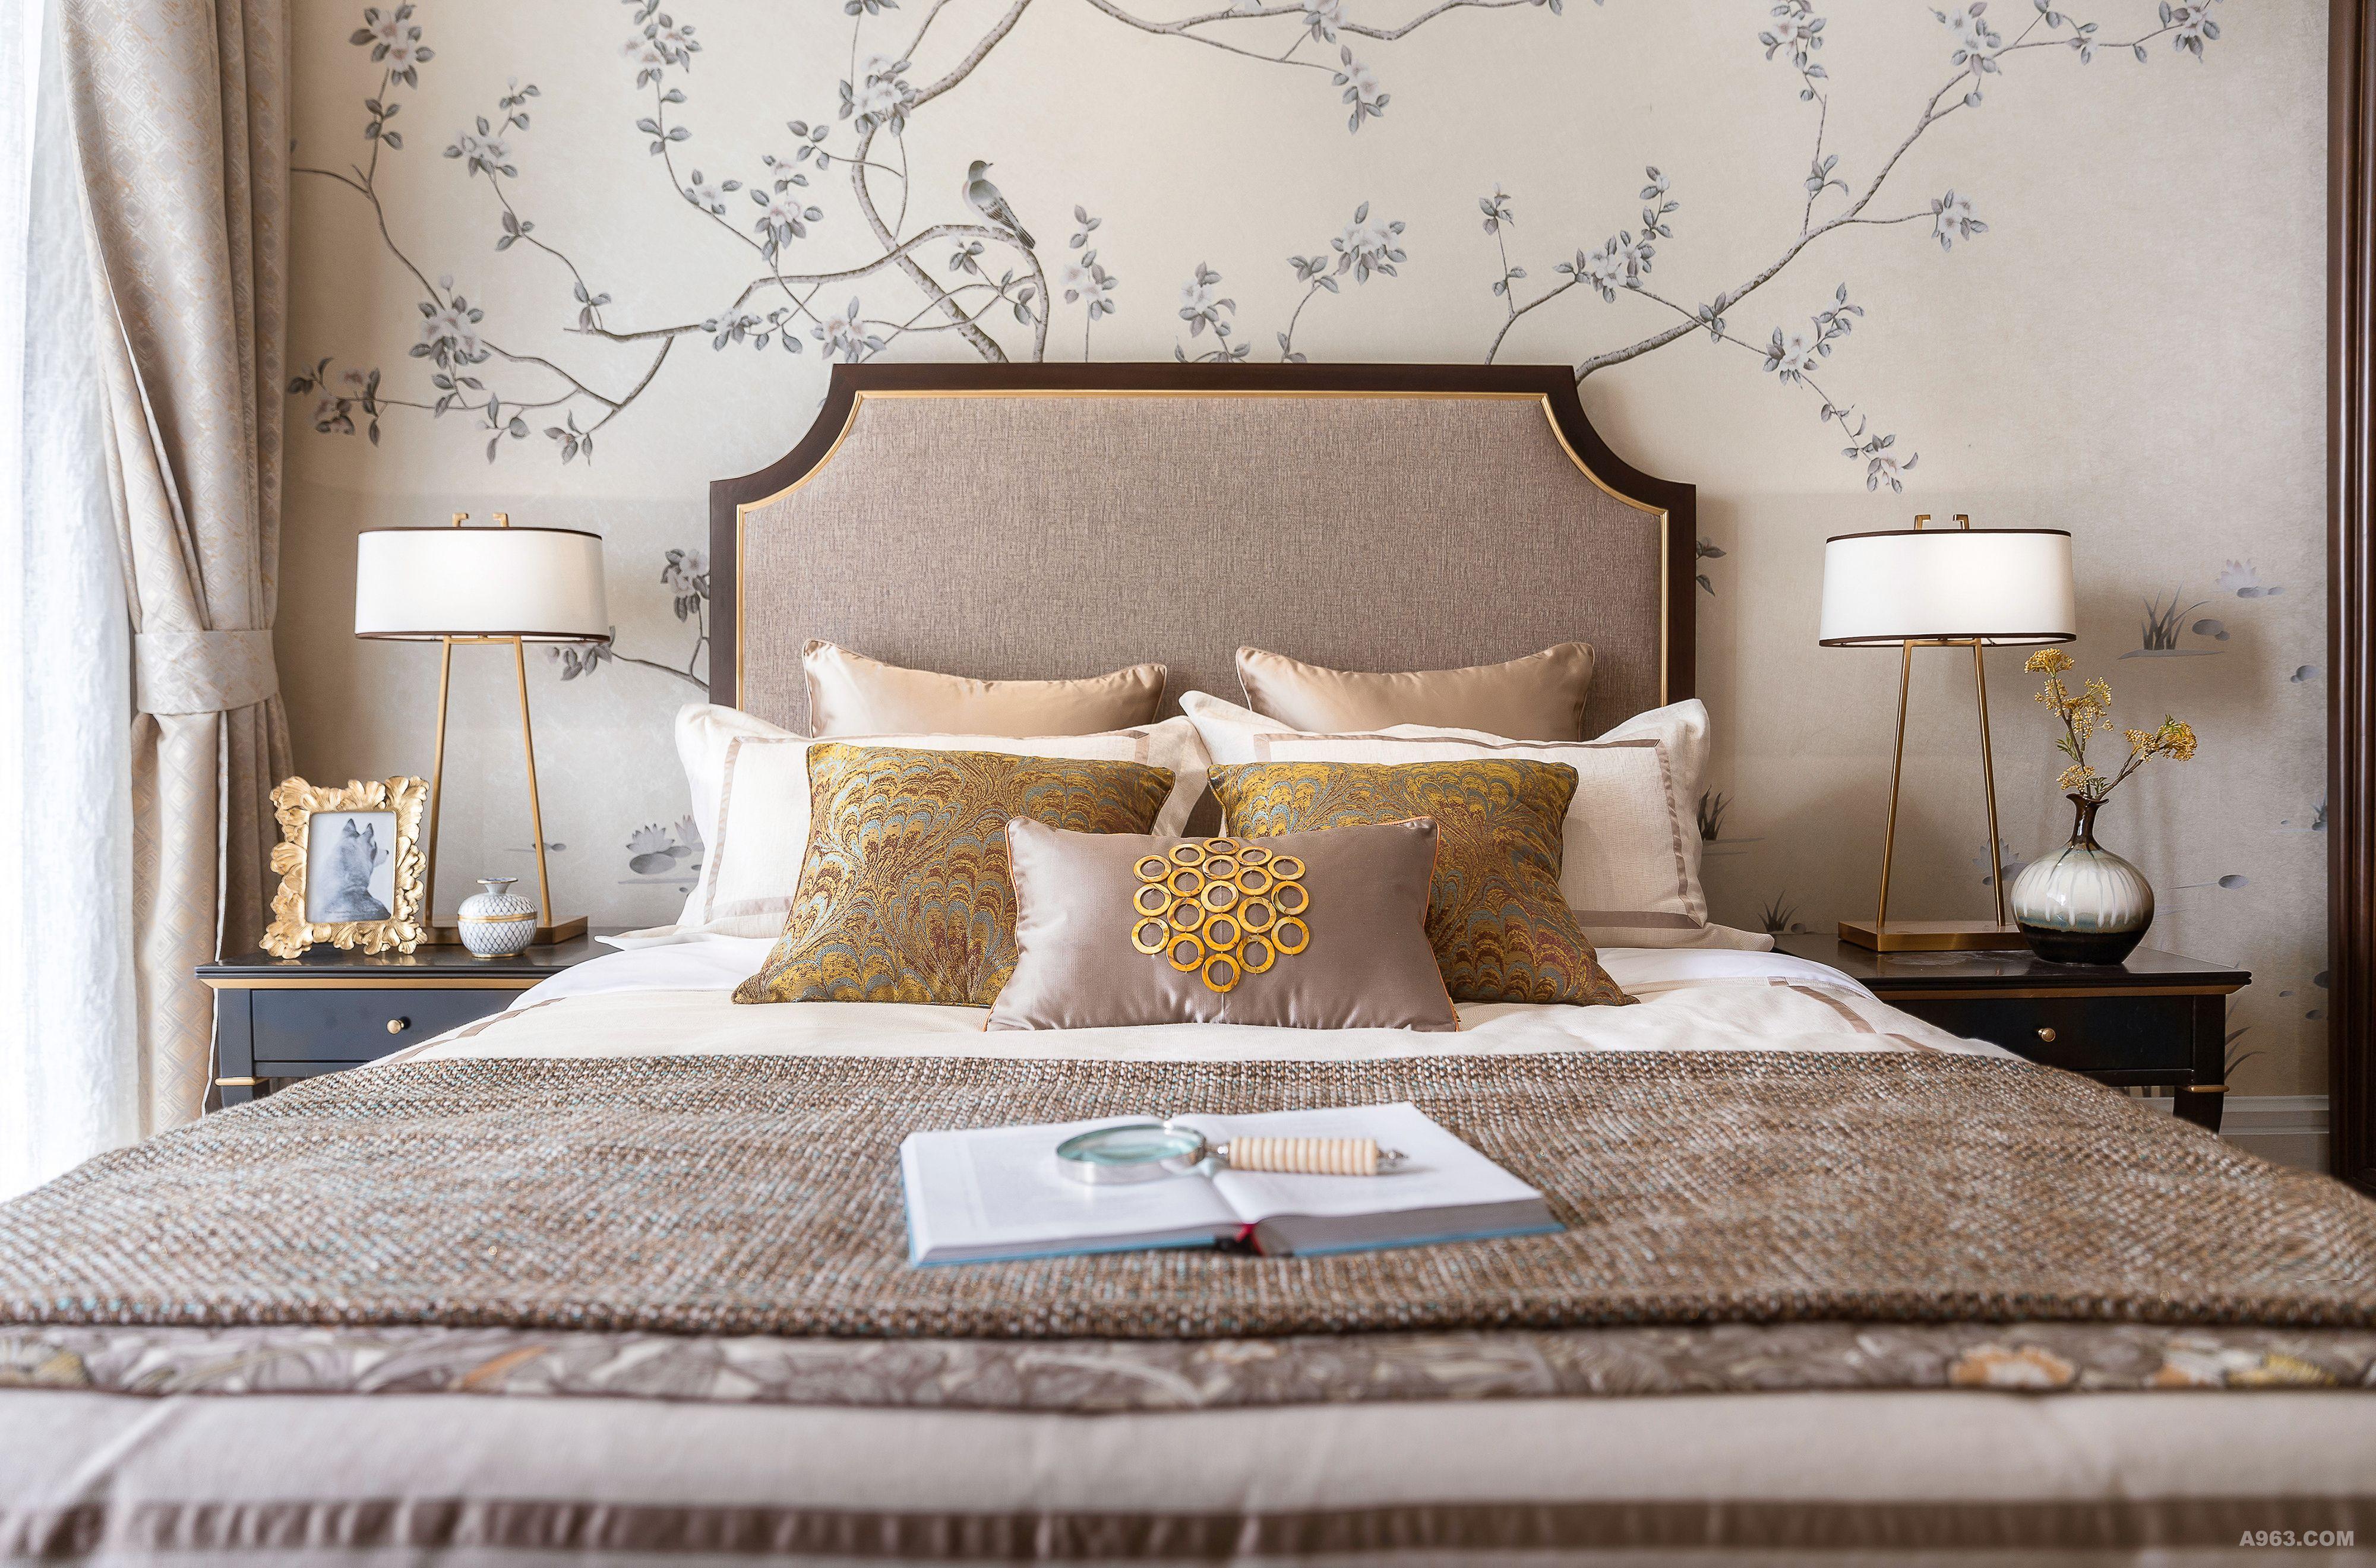 长辈房床头背景墙的中式传统的花鸟图案与欧式家具饰品的搭配,让空间